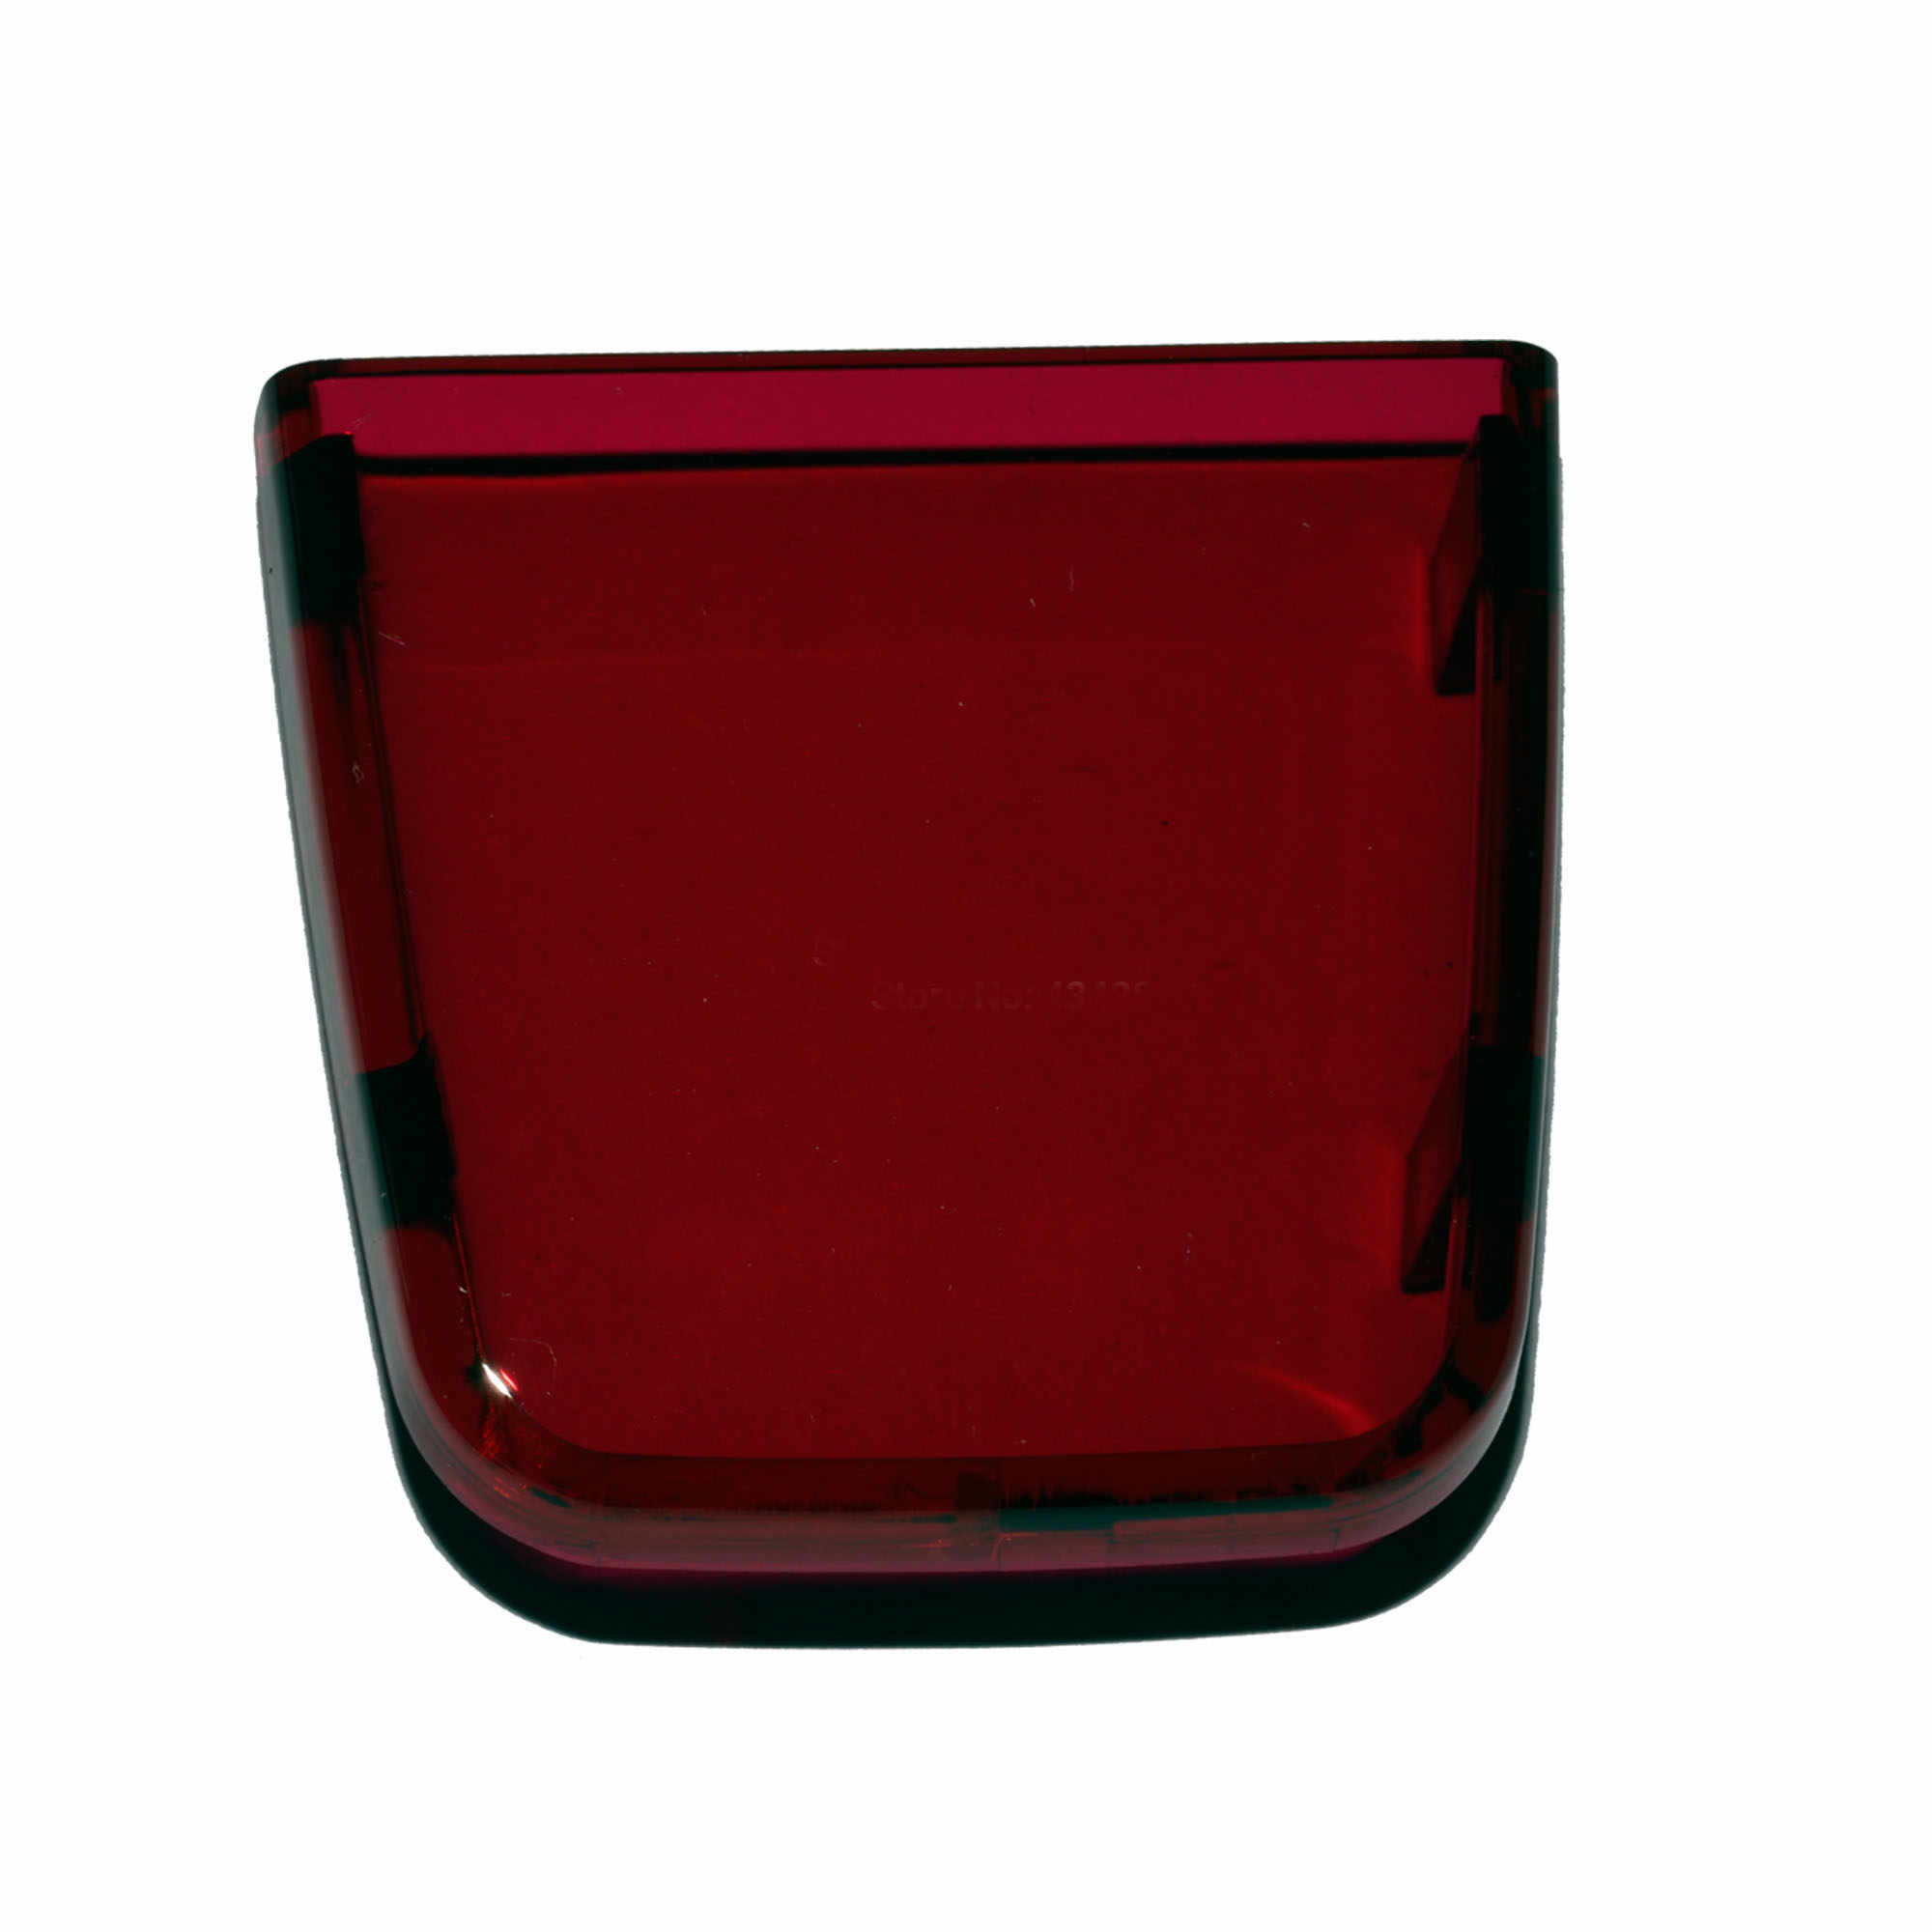 新しい全体の販売オリジナル永諾フラッシュスピードライト修理赤プラスチック AF ガラス YN568EX ため YN568EXII YN-568EX YN-568EXII フラッシュランプ